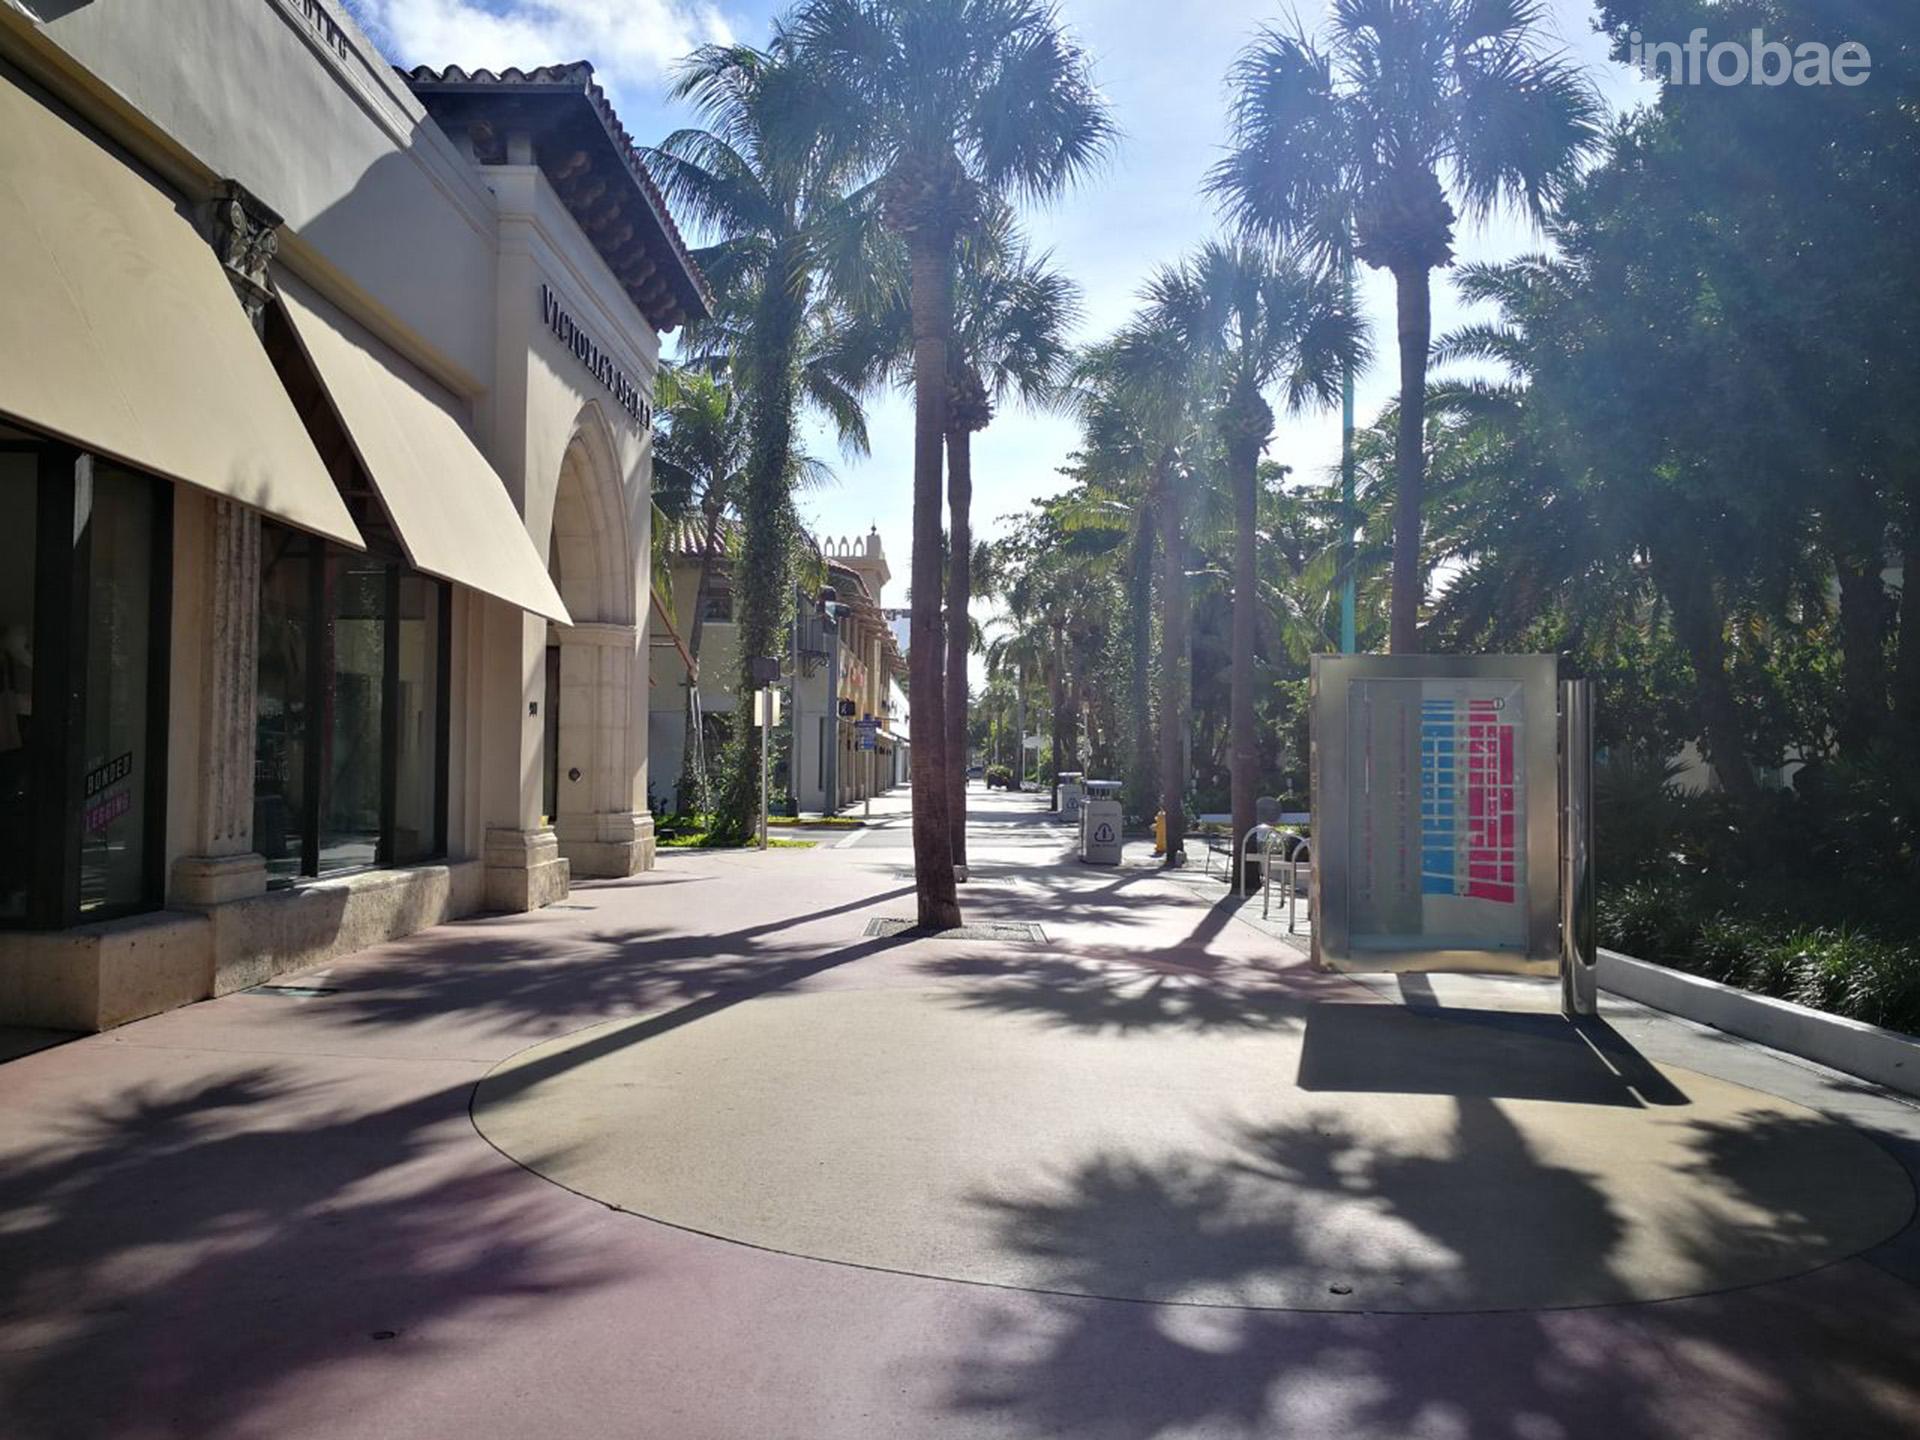 Lincoln Road, desierta. Turistas y habitantes de Miami Beach abandonaron la ciudad (Infobae)